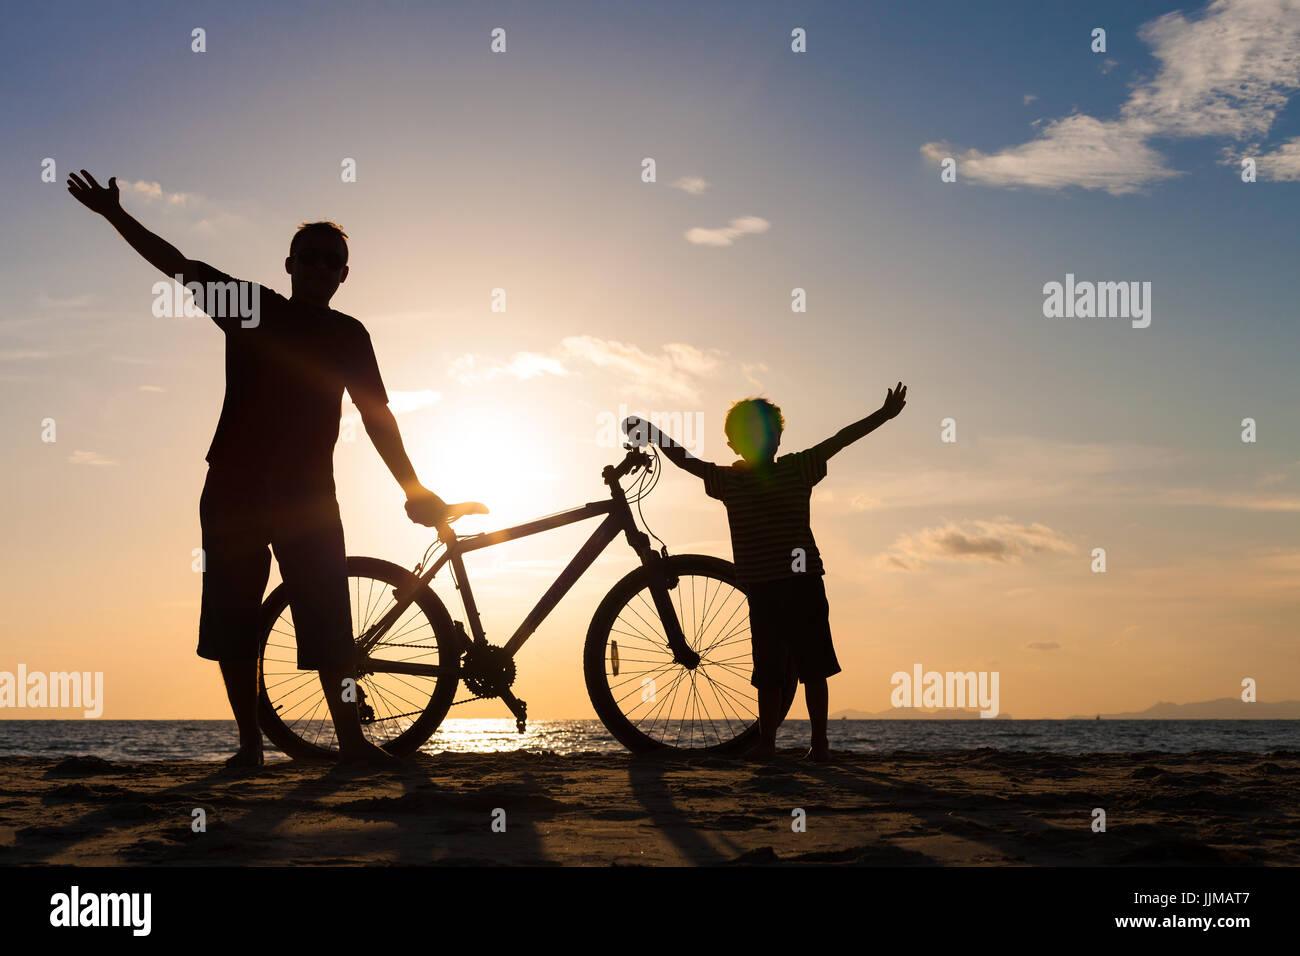 Padre e hijo jugando en la playa al atardecer. Concepto de familia feliz. Imagen De Stock